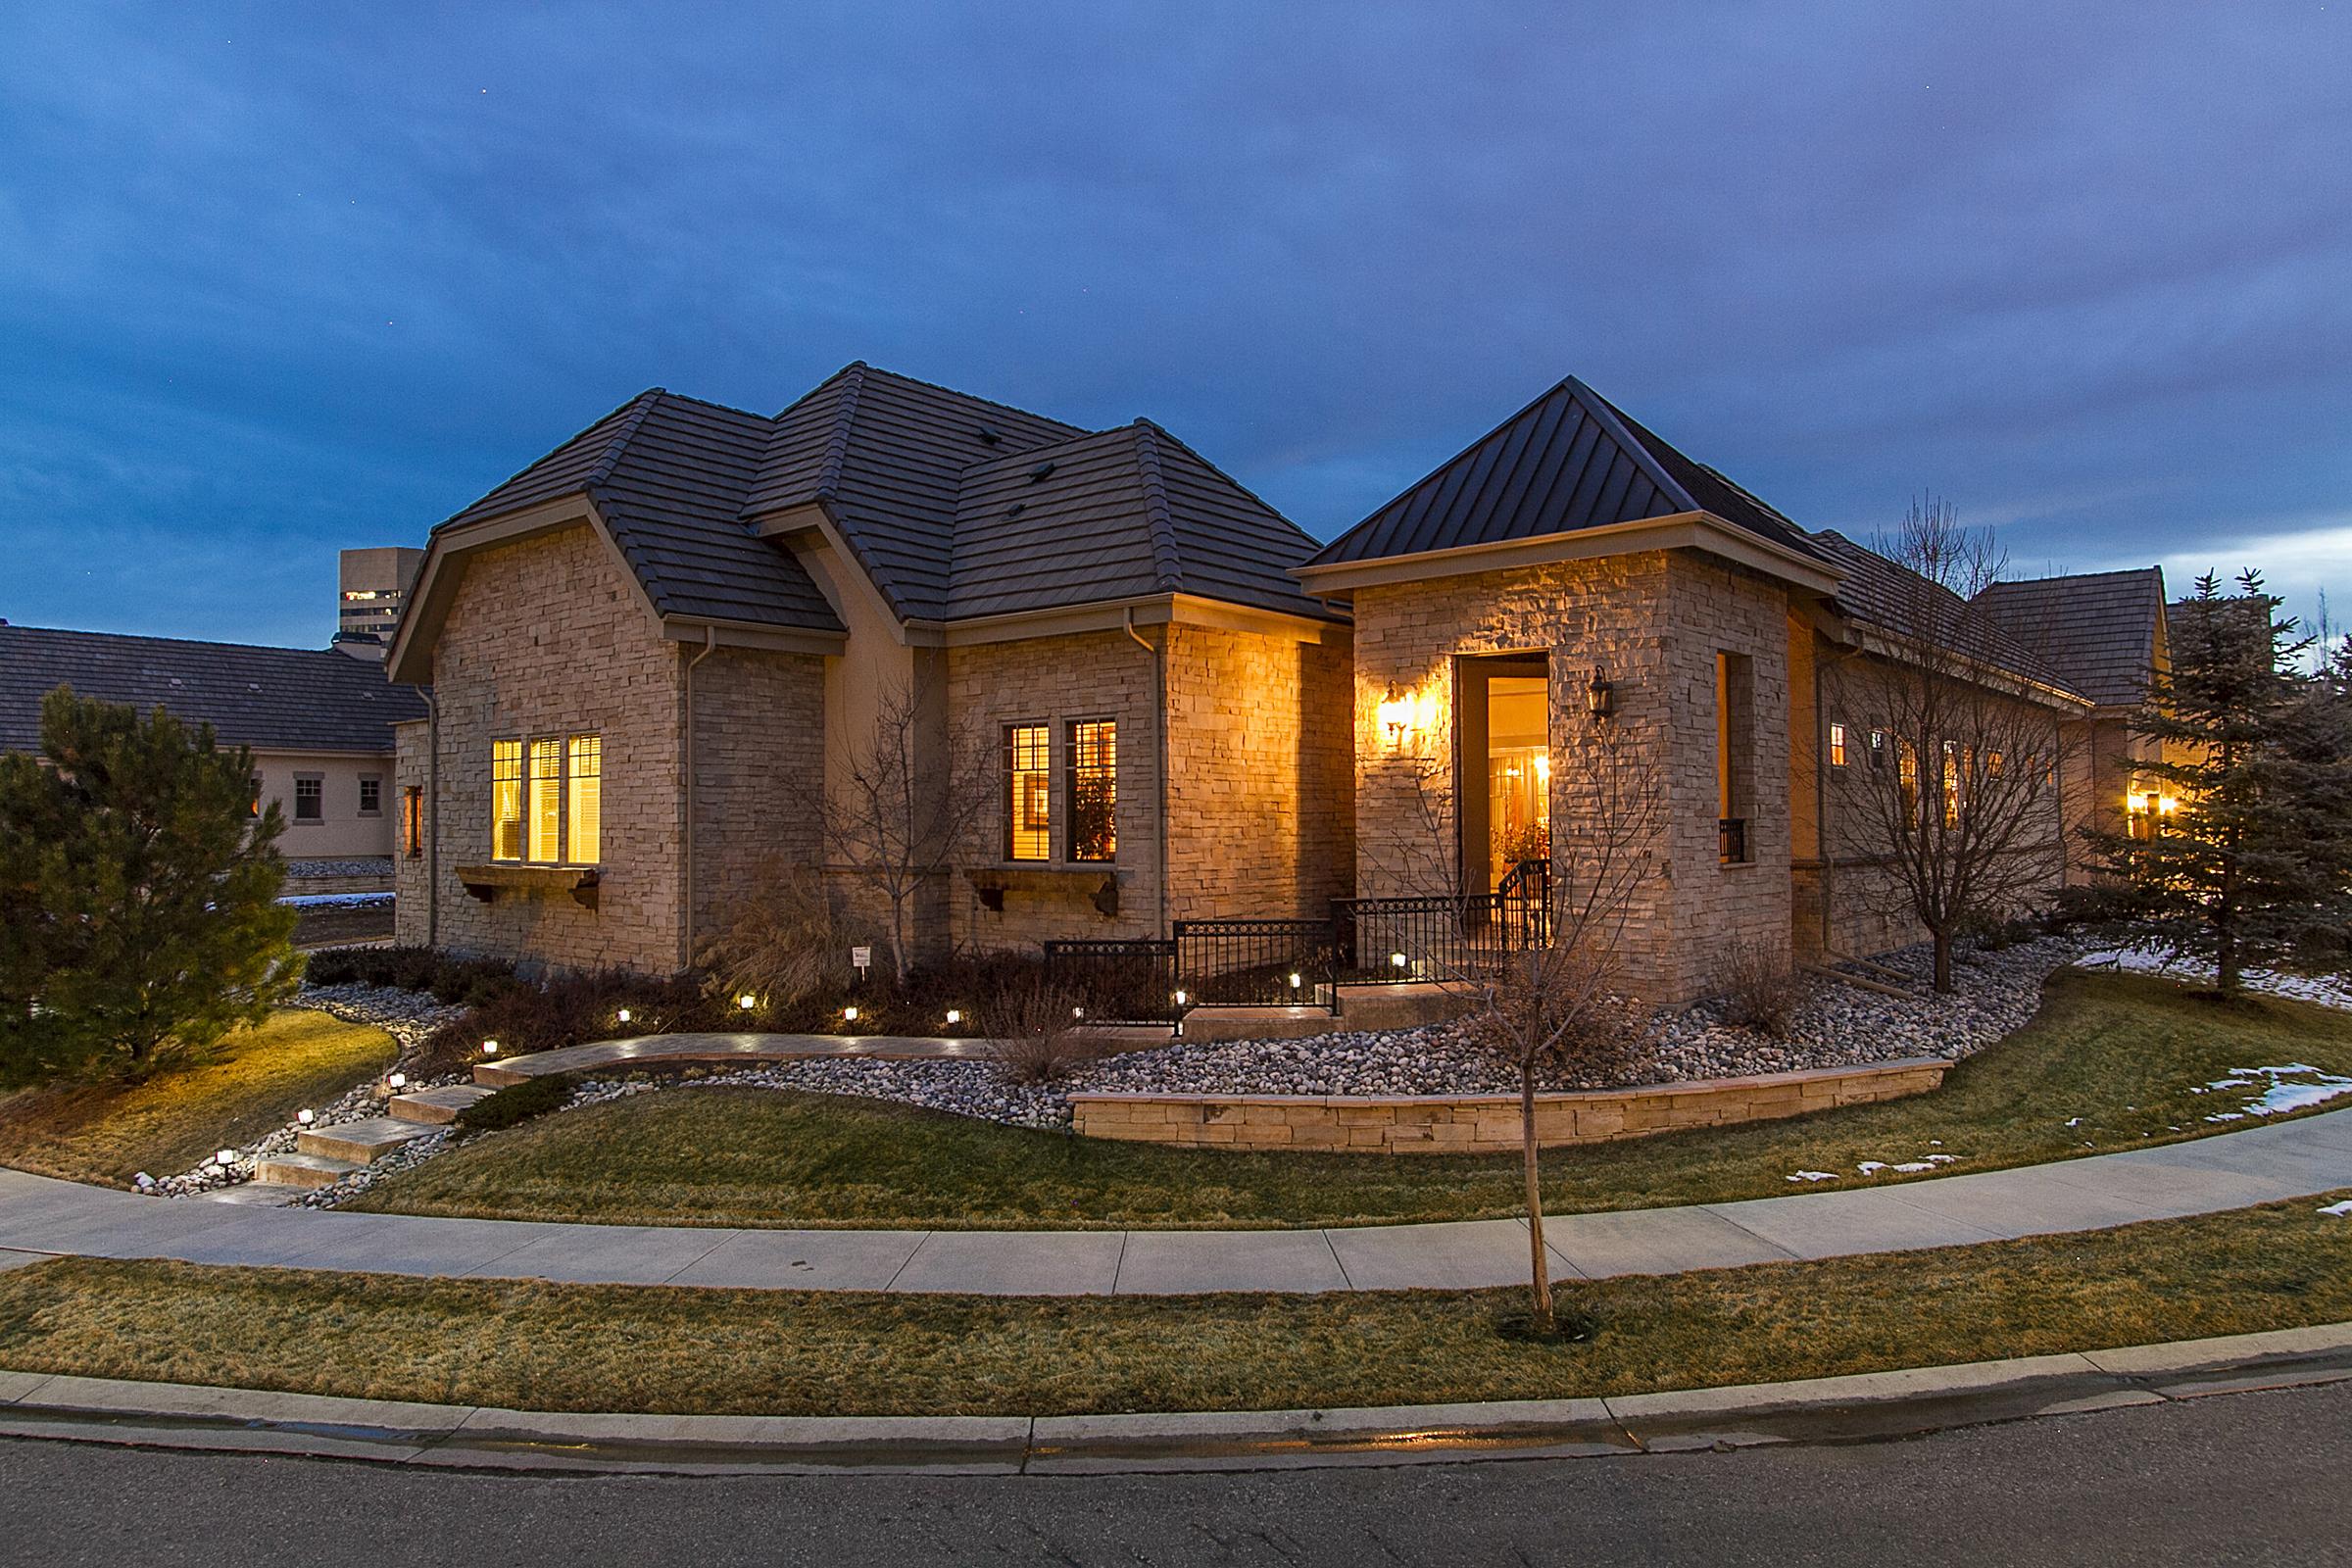 Casa Unifamiliar por un Venta en Beautiful home in One Cherry Lane 22 Sommerset Cir Greenwood Village, Colorado, 80111 Estados Unidos